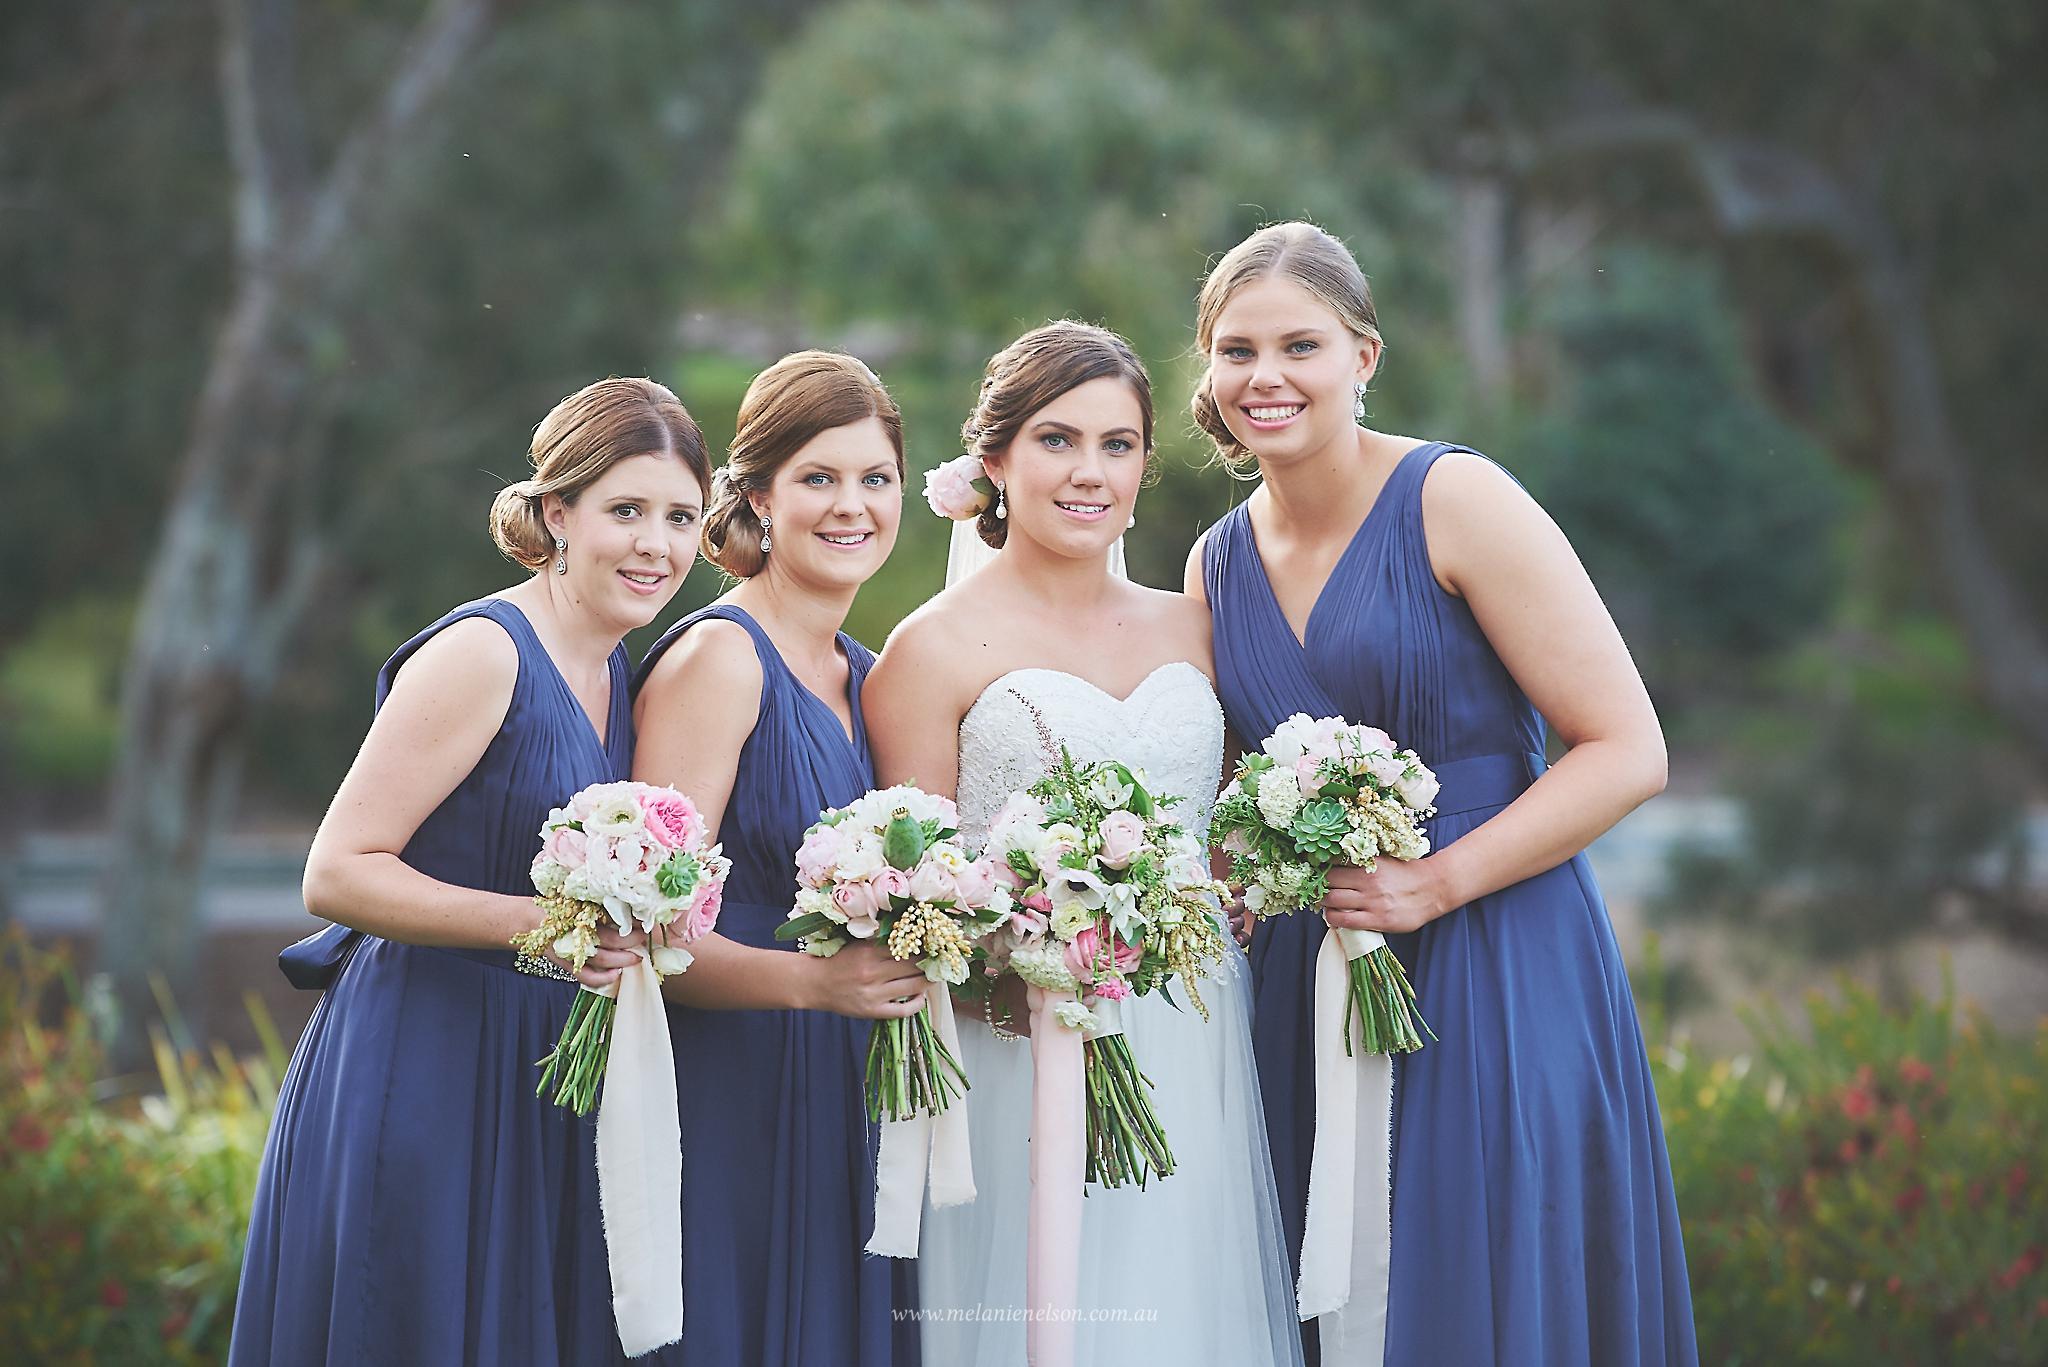 howards_vineyard_wedding_0027.jpg